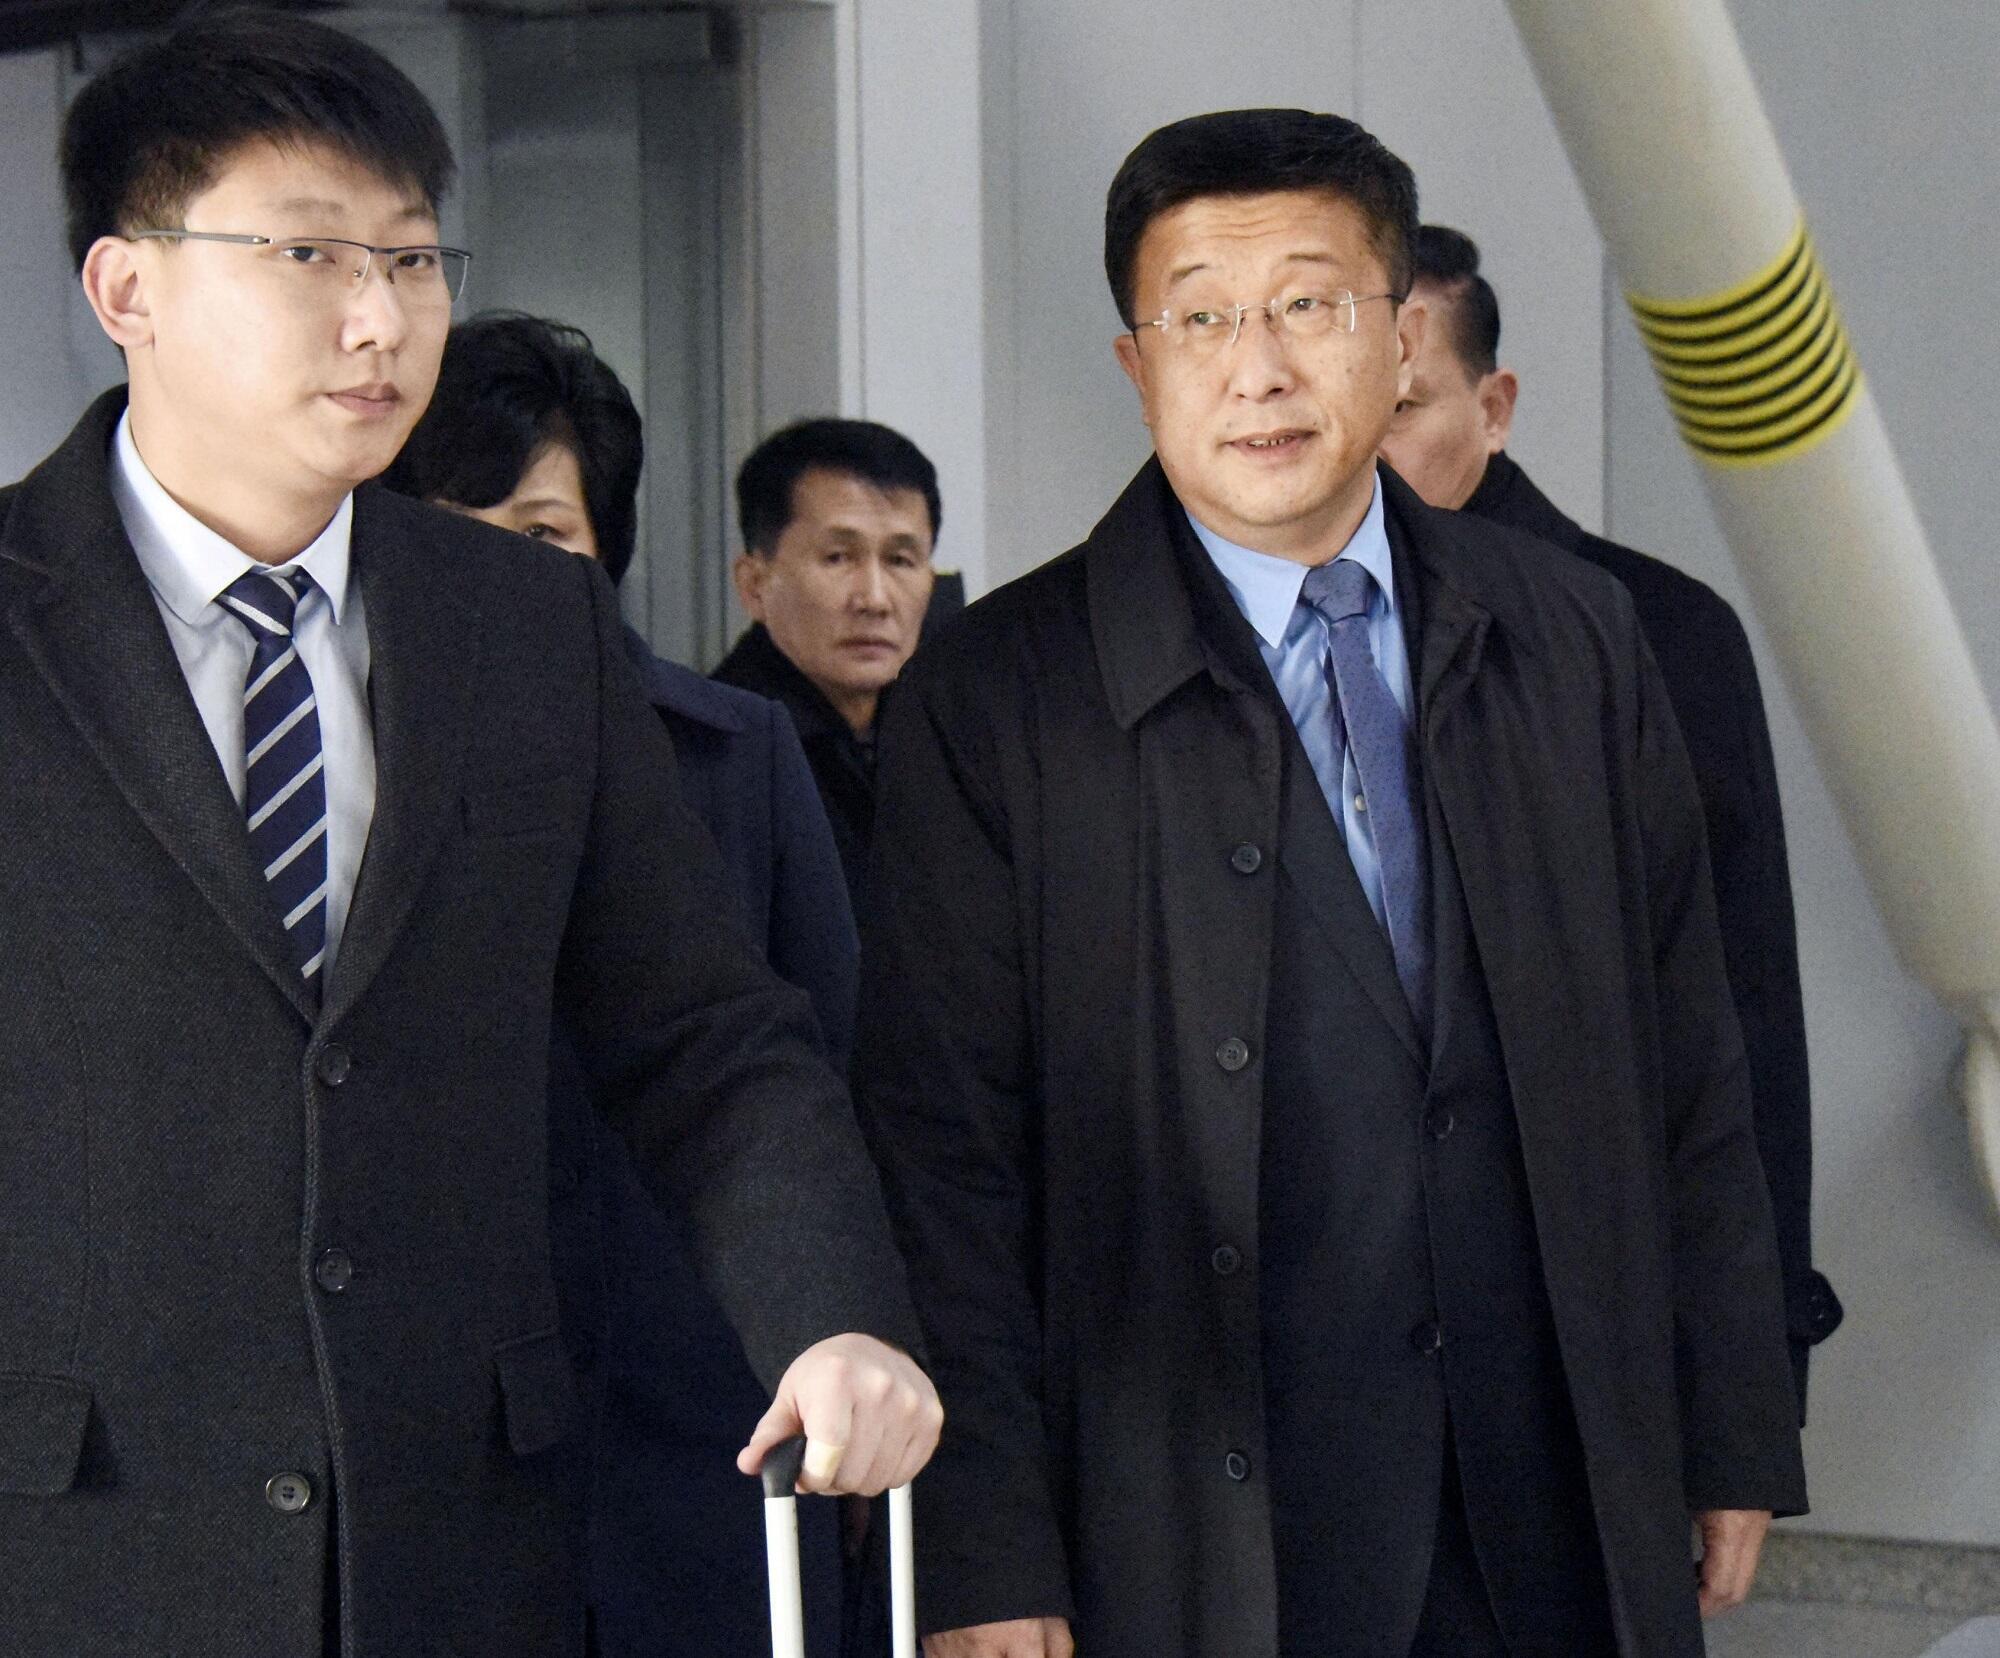 Ông Kim Hyok Chol (P), đặc sứ BTT về Hoa Kỳ, tại sân bay quốc tế Bắc Kinh, trên đường đến Hà Nội, ngày 19/02/2019.